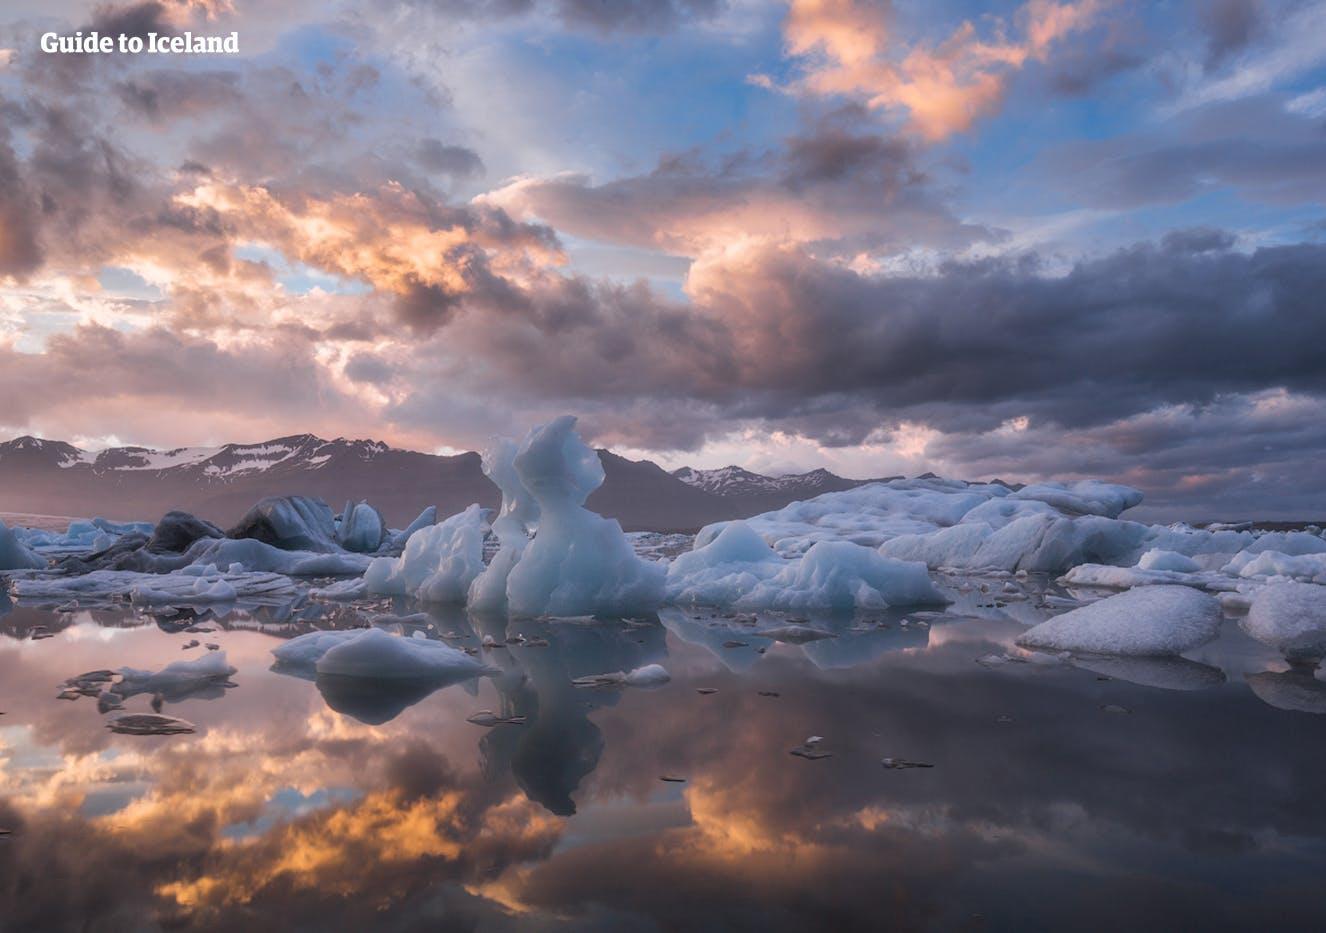 """Die Gletscherlagune Jökulsárlón ist bekannt als """"Das Kronjuwel Islands"""" - dank ihres atemberaubenden, himmlischen Anblicks."""